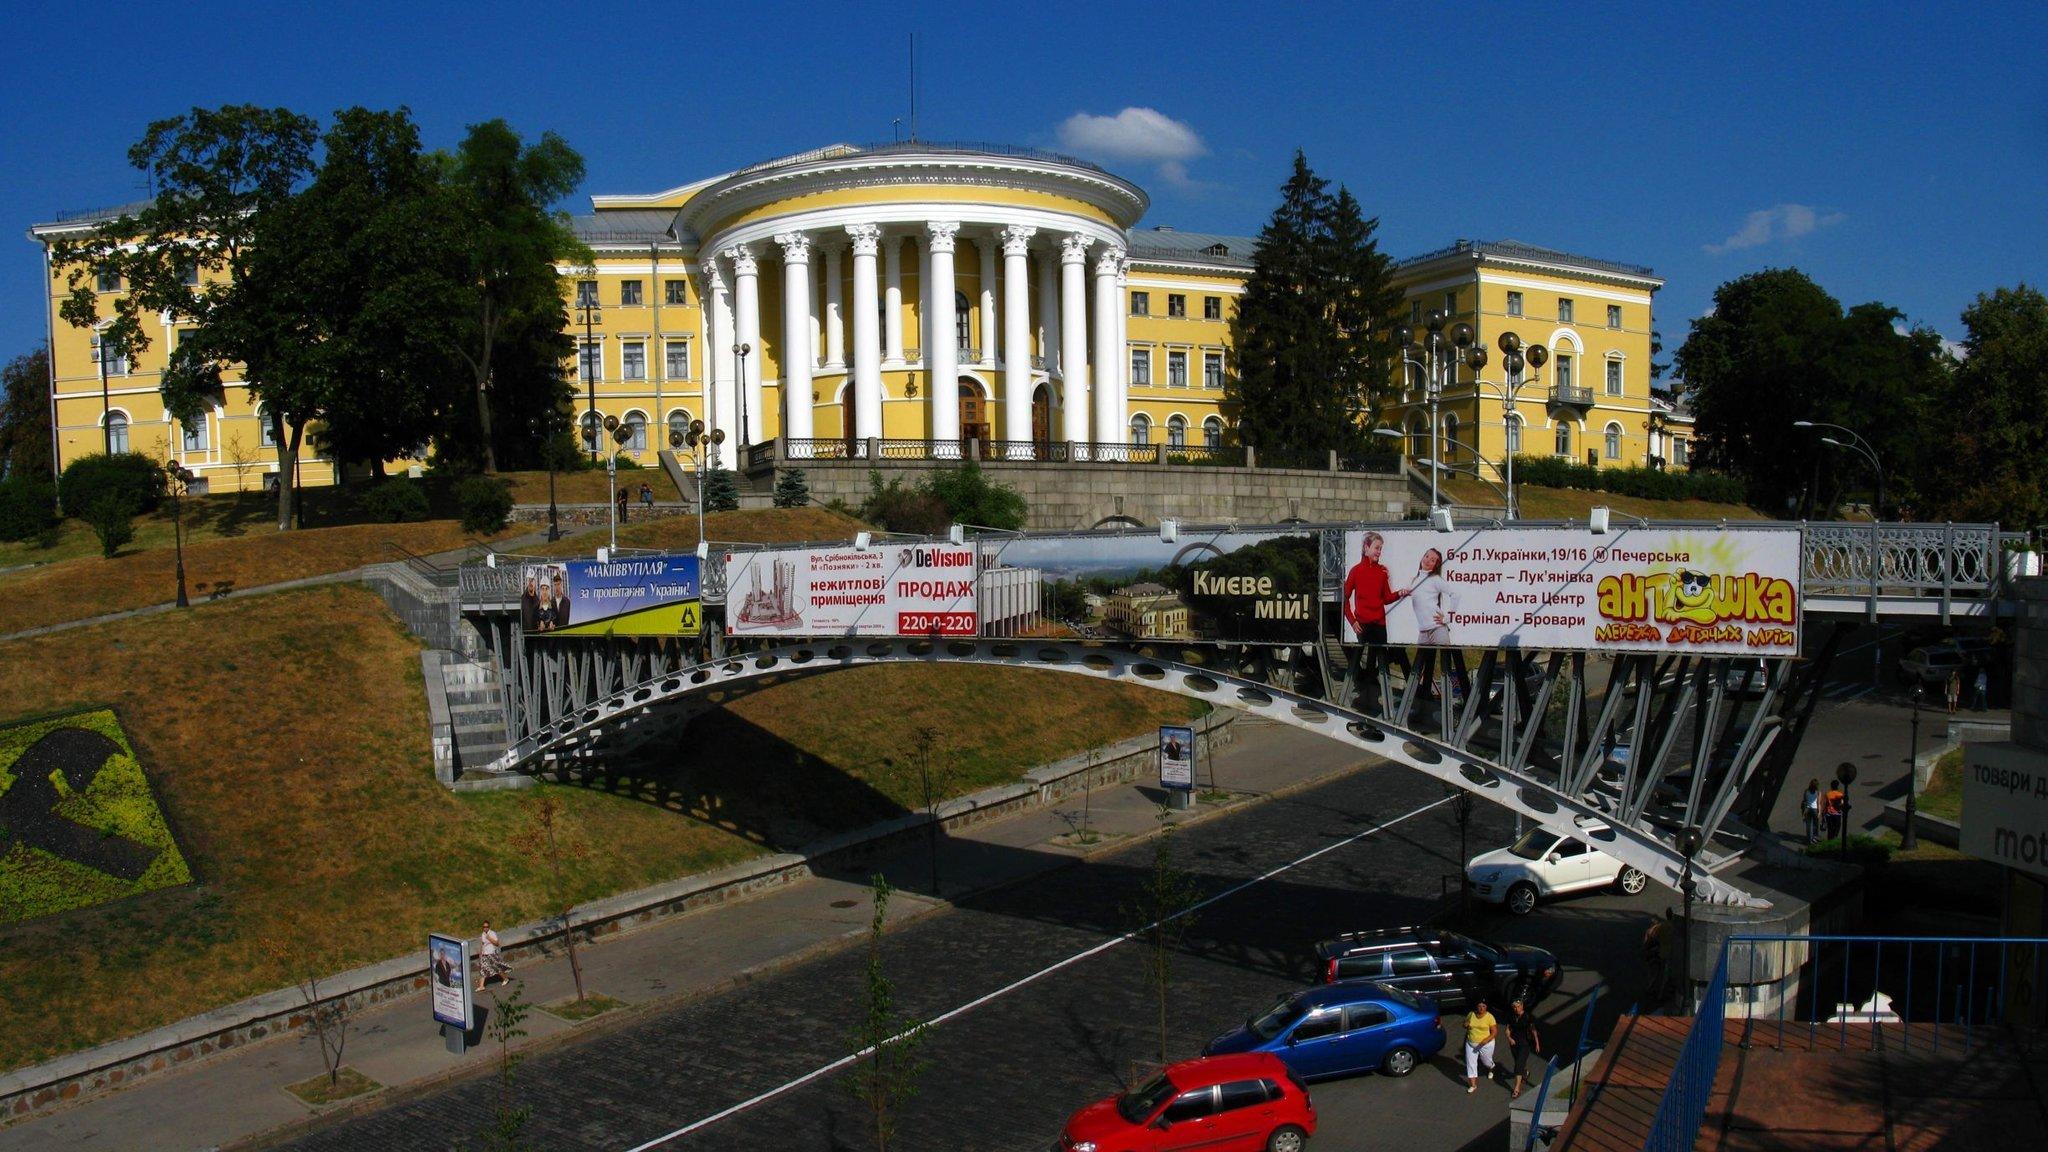 Октябрьский дворец. Киев